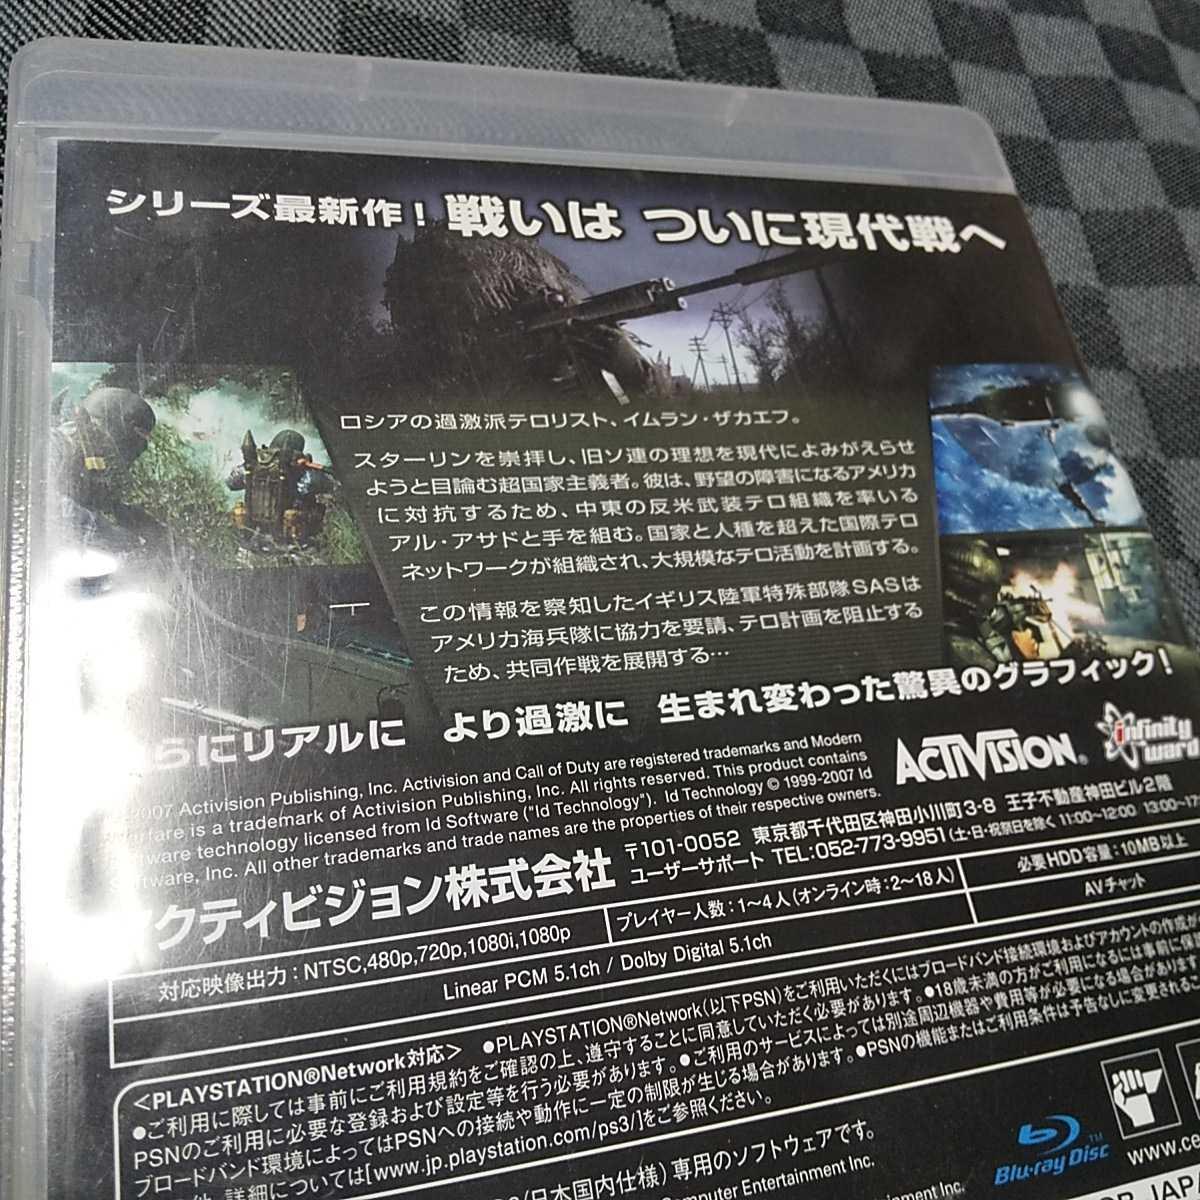 PS3【コールオブデューティ4=モダン・ウォーフェア=】アクディビジョン [送料無料]返金保証あり